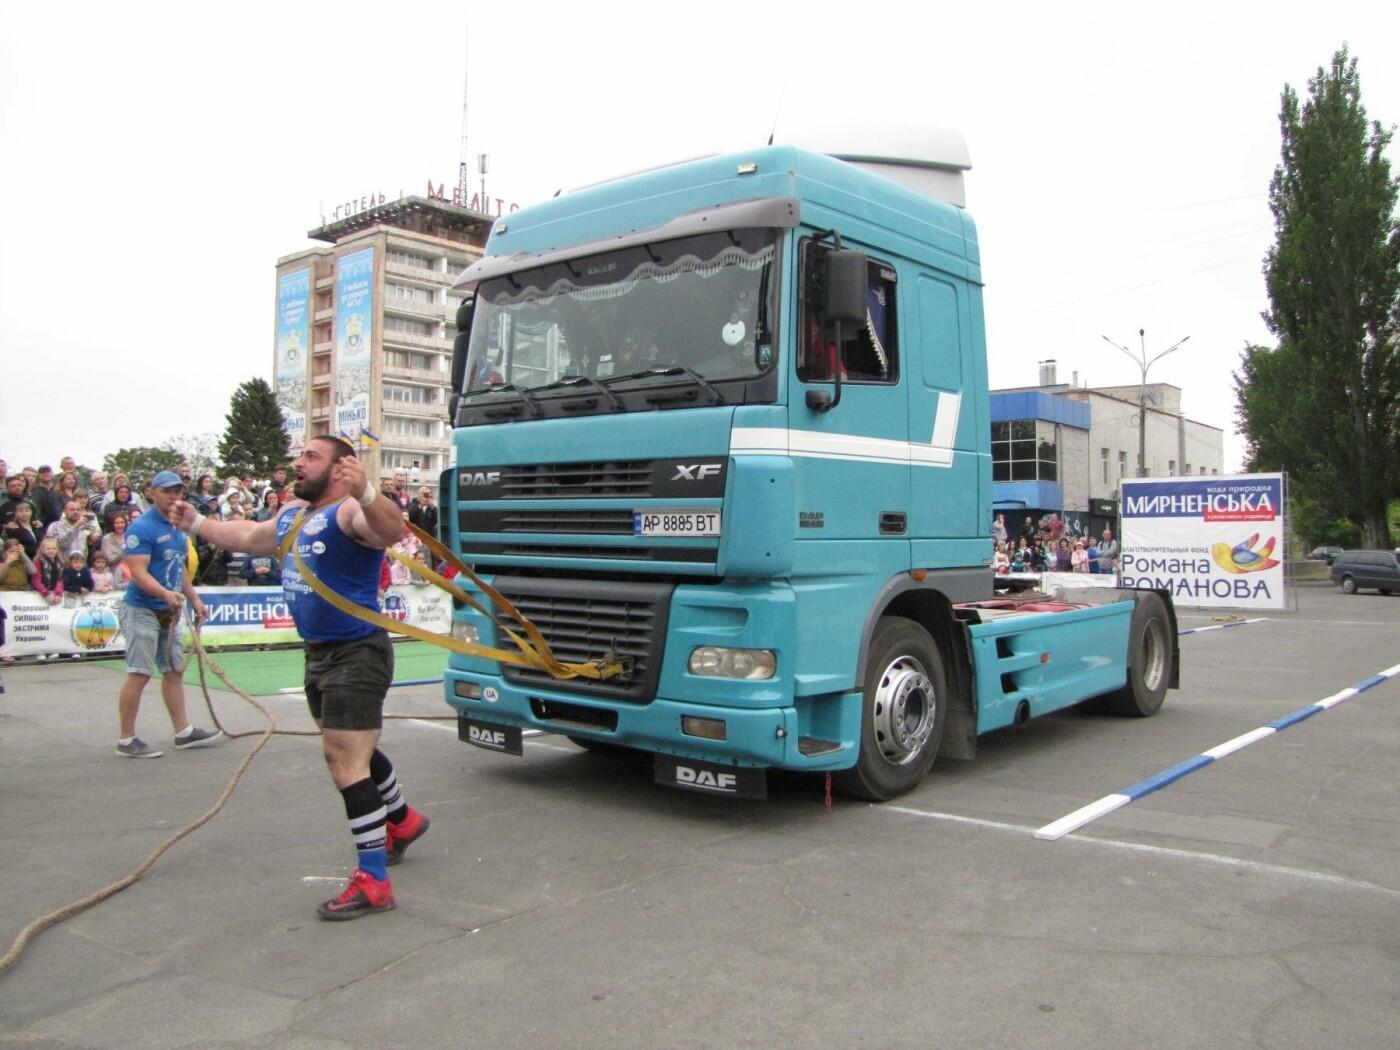 Три победы за неделю: мелитопольский богатырь выиграл второй этап международного чемпионата, фото-8